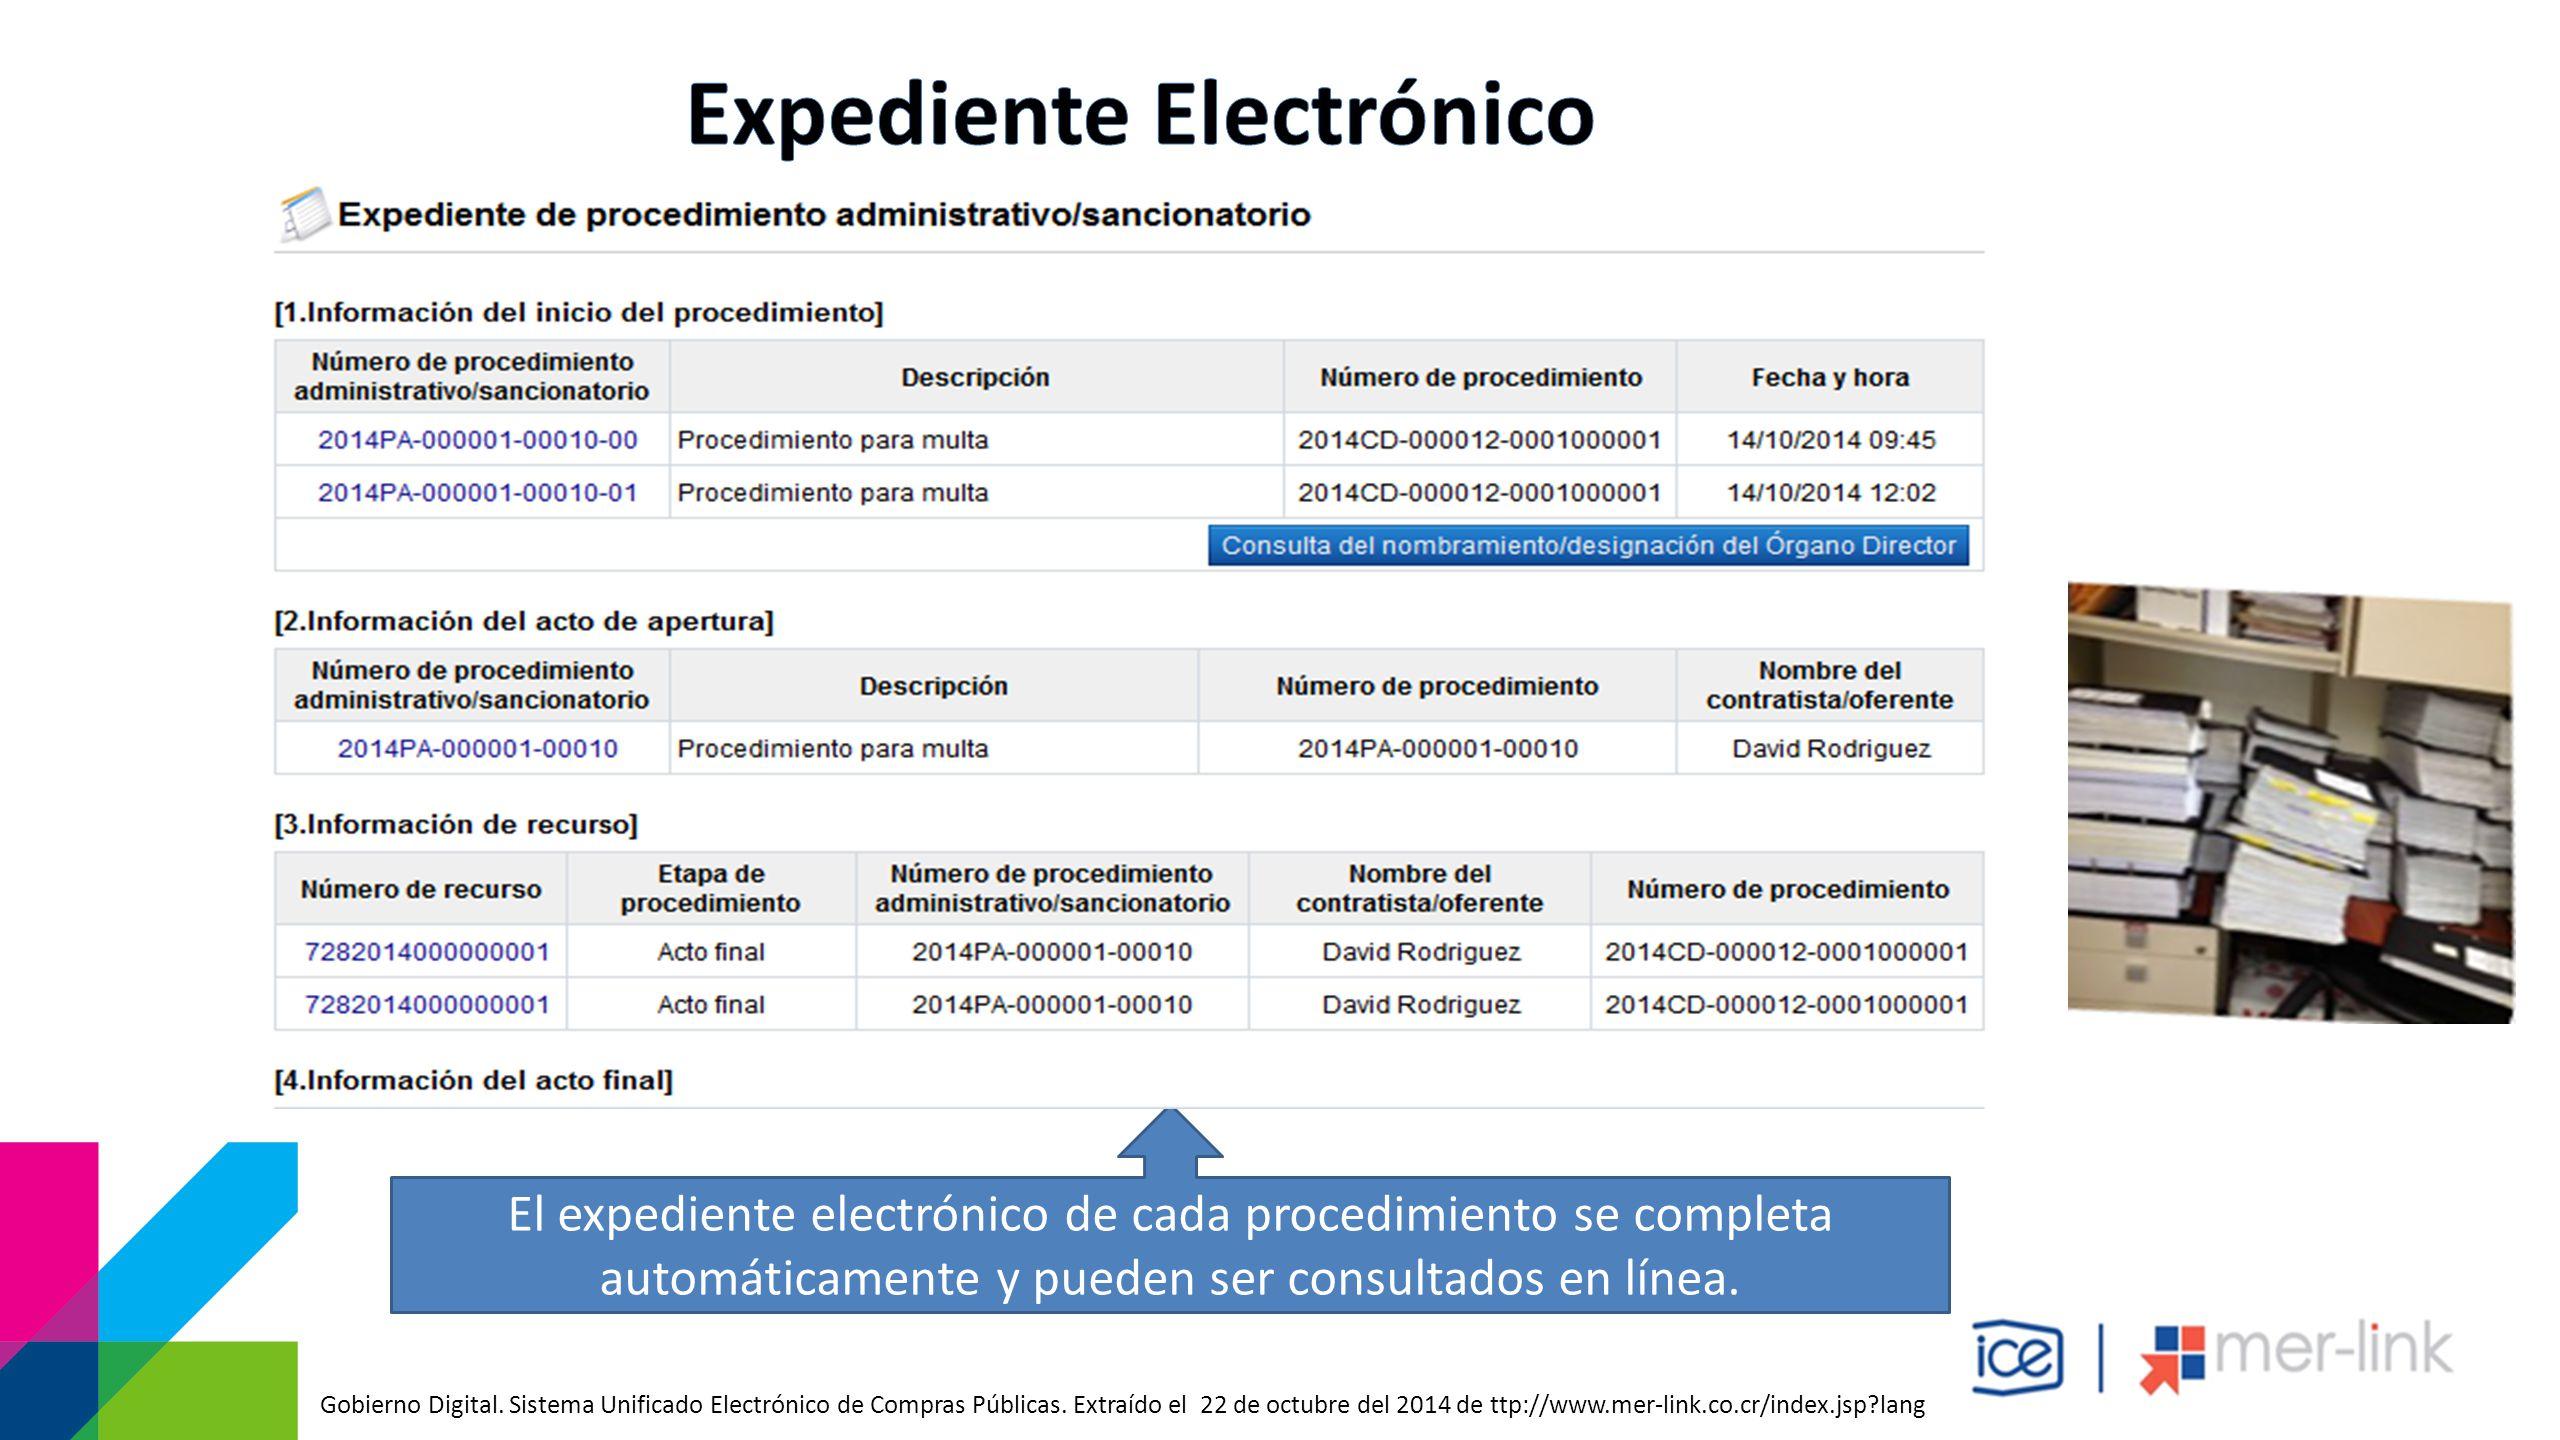 El expediente electrónico de cada procedimiento se completa automáticamente y pueden ser consultados en línea.